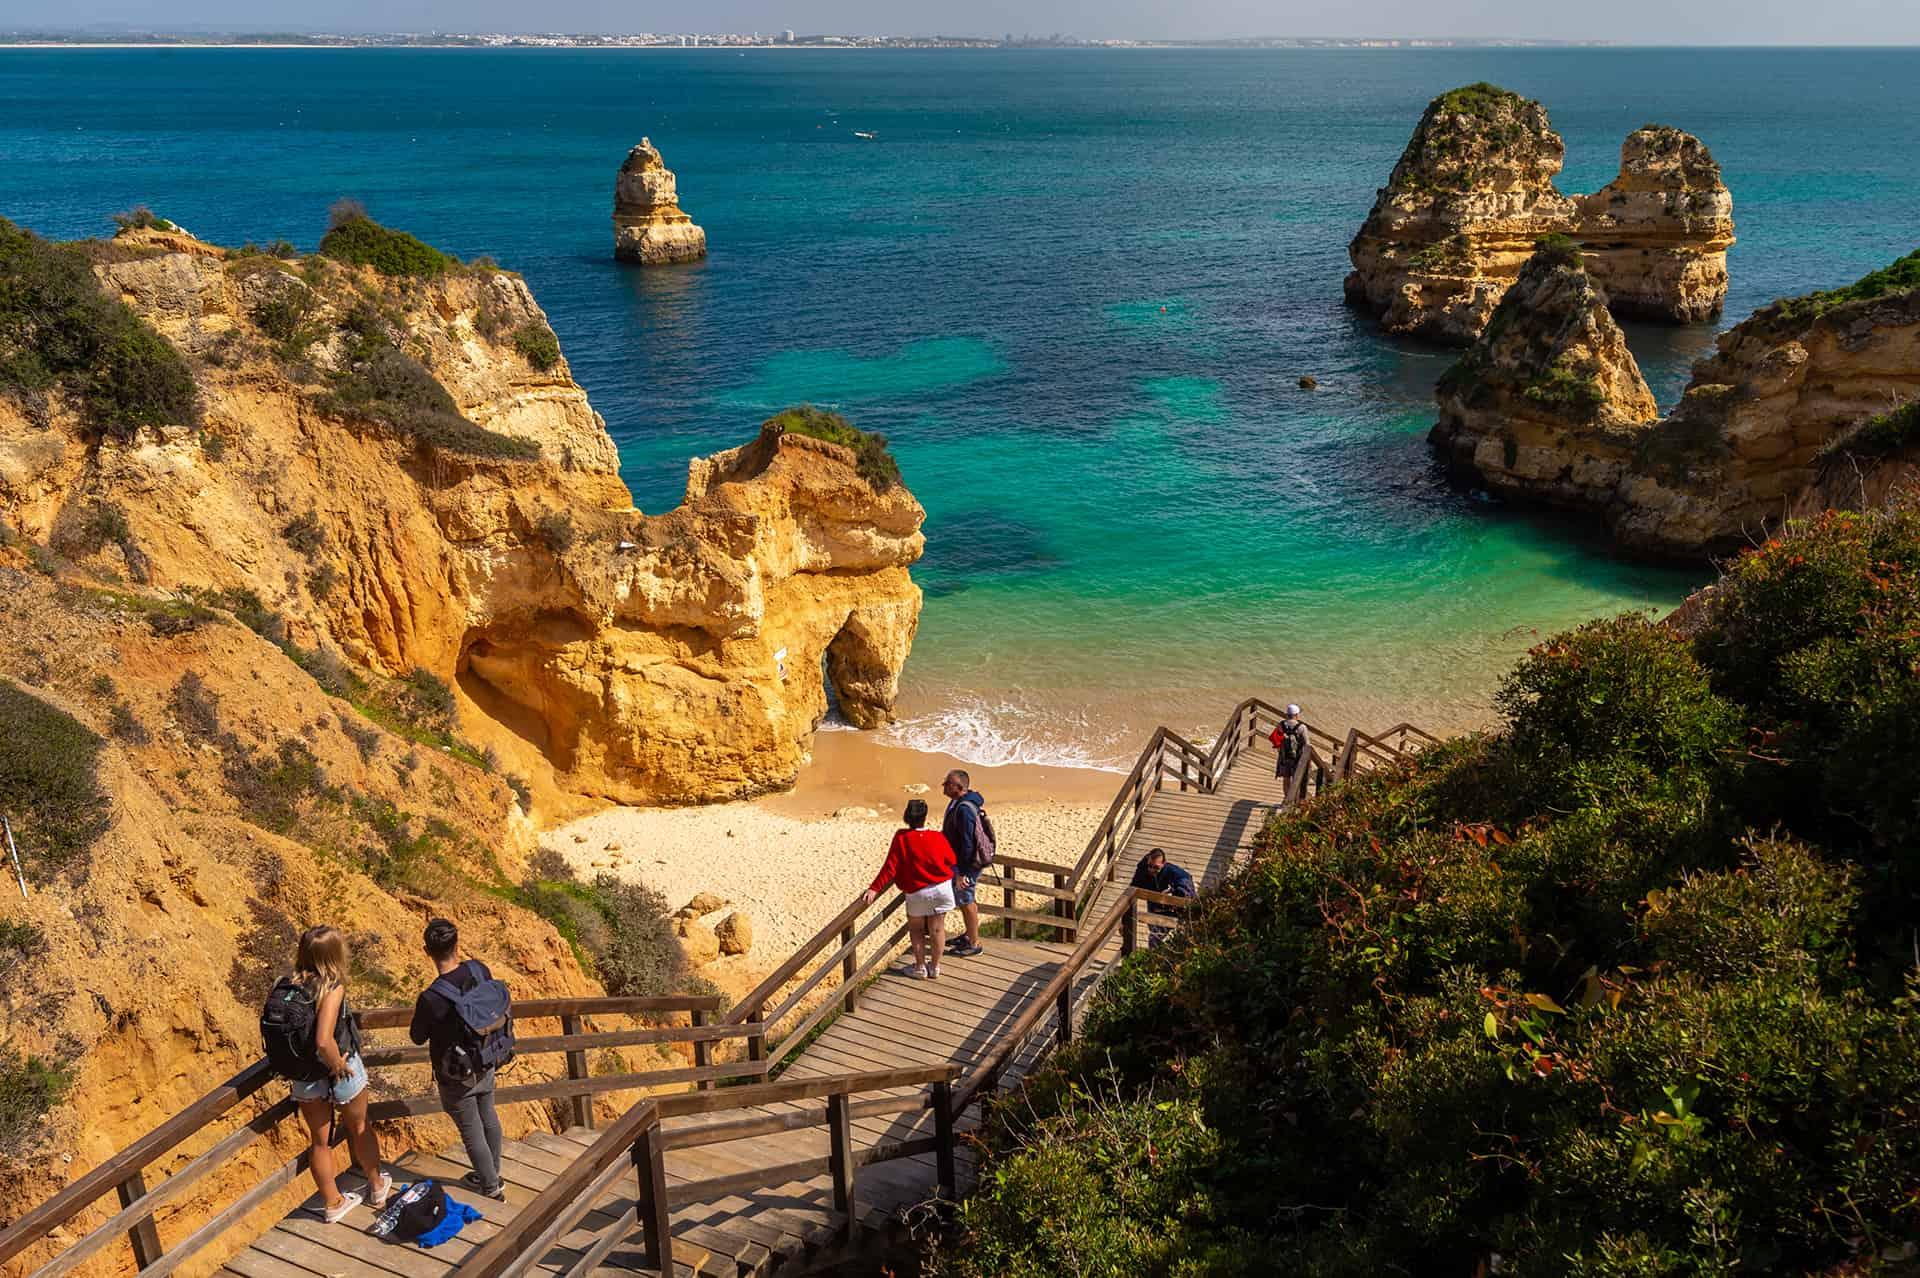 visiter portugal en juillet